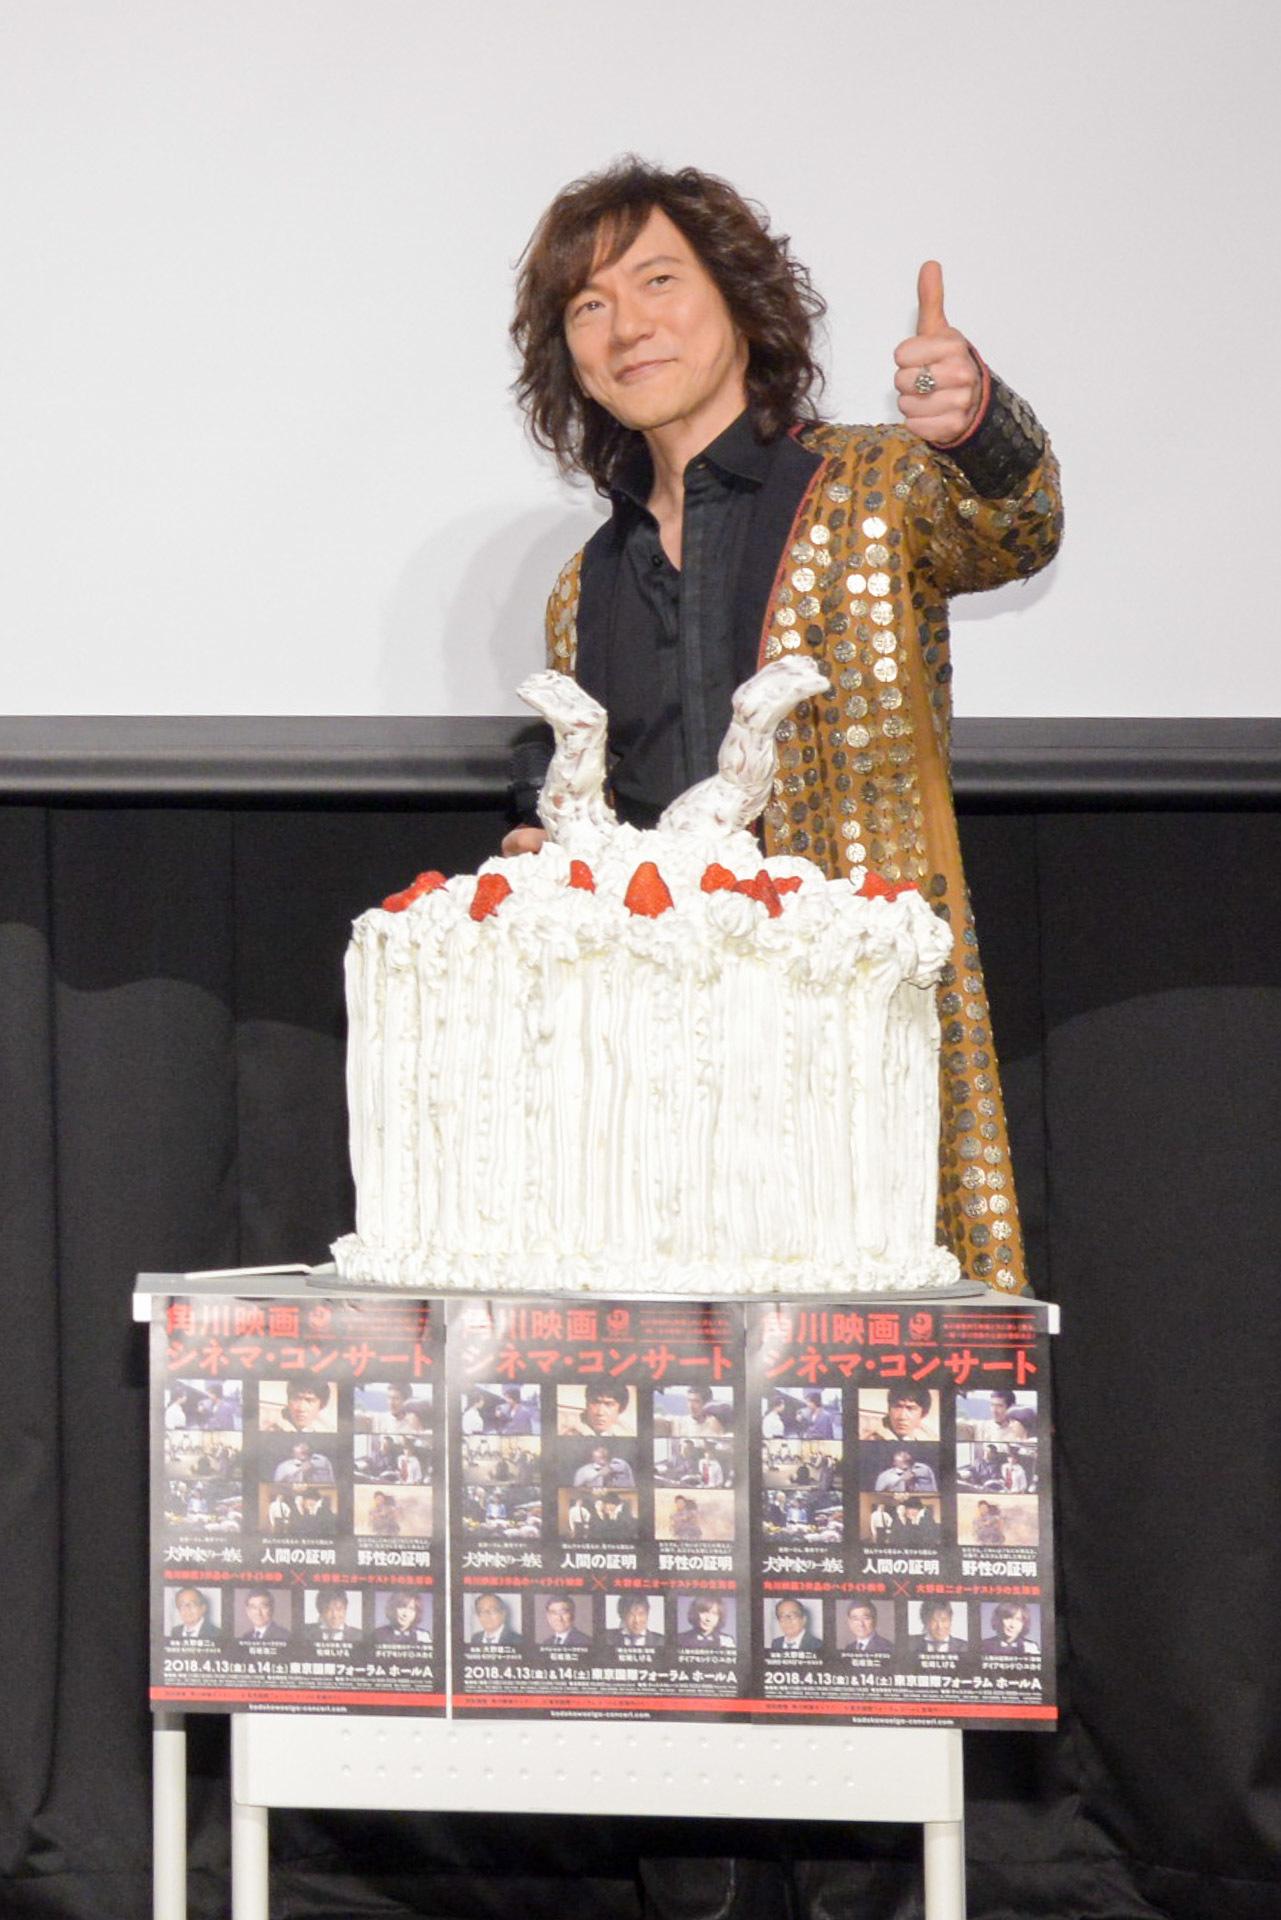 """ダイアモンド☆ユカイと""""犬神""""バースデーケーキ ※ダイアモンド☆ユカイの名前の☆は、六芒星が正式表記。"""